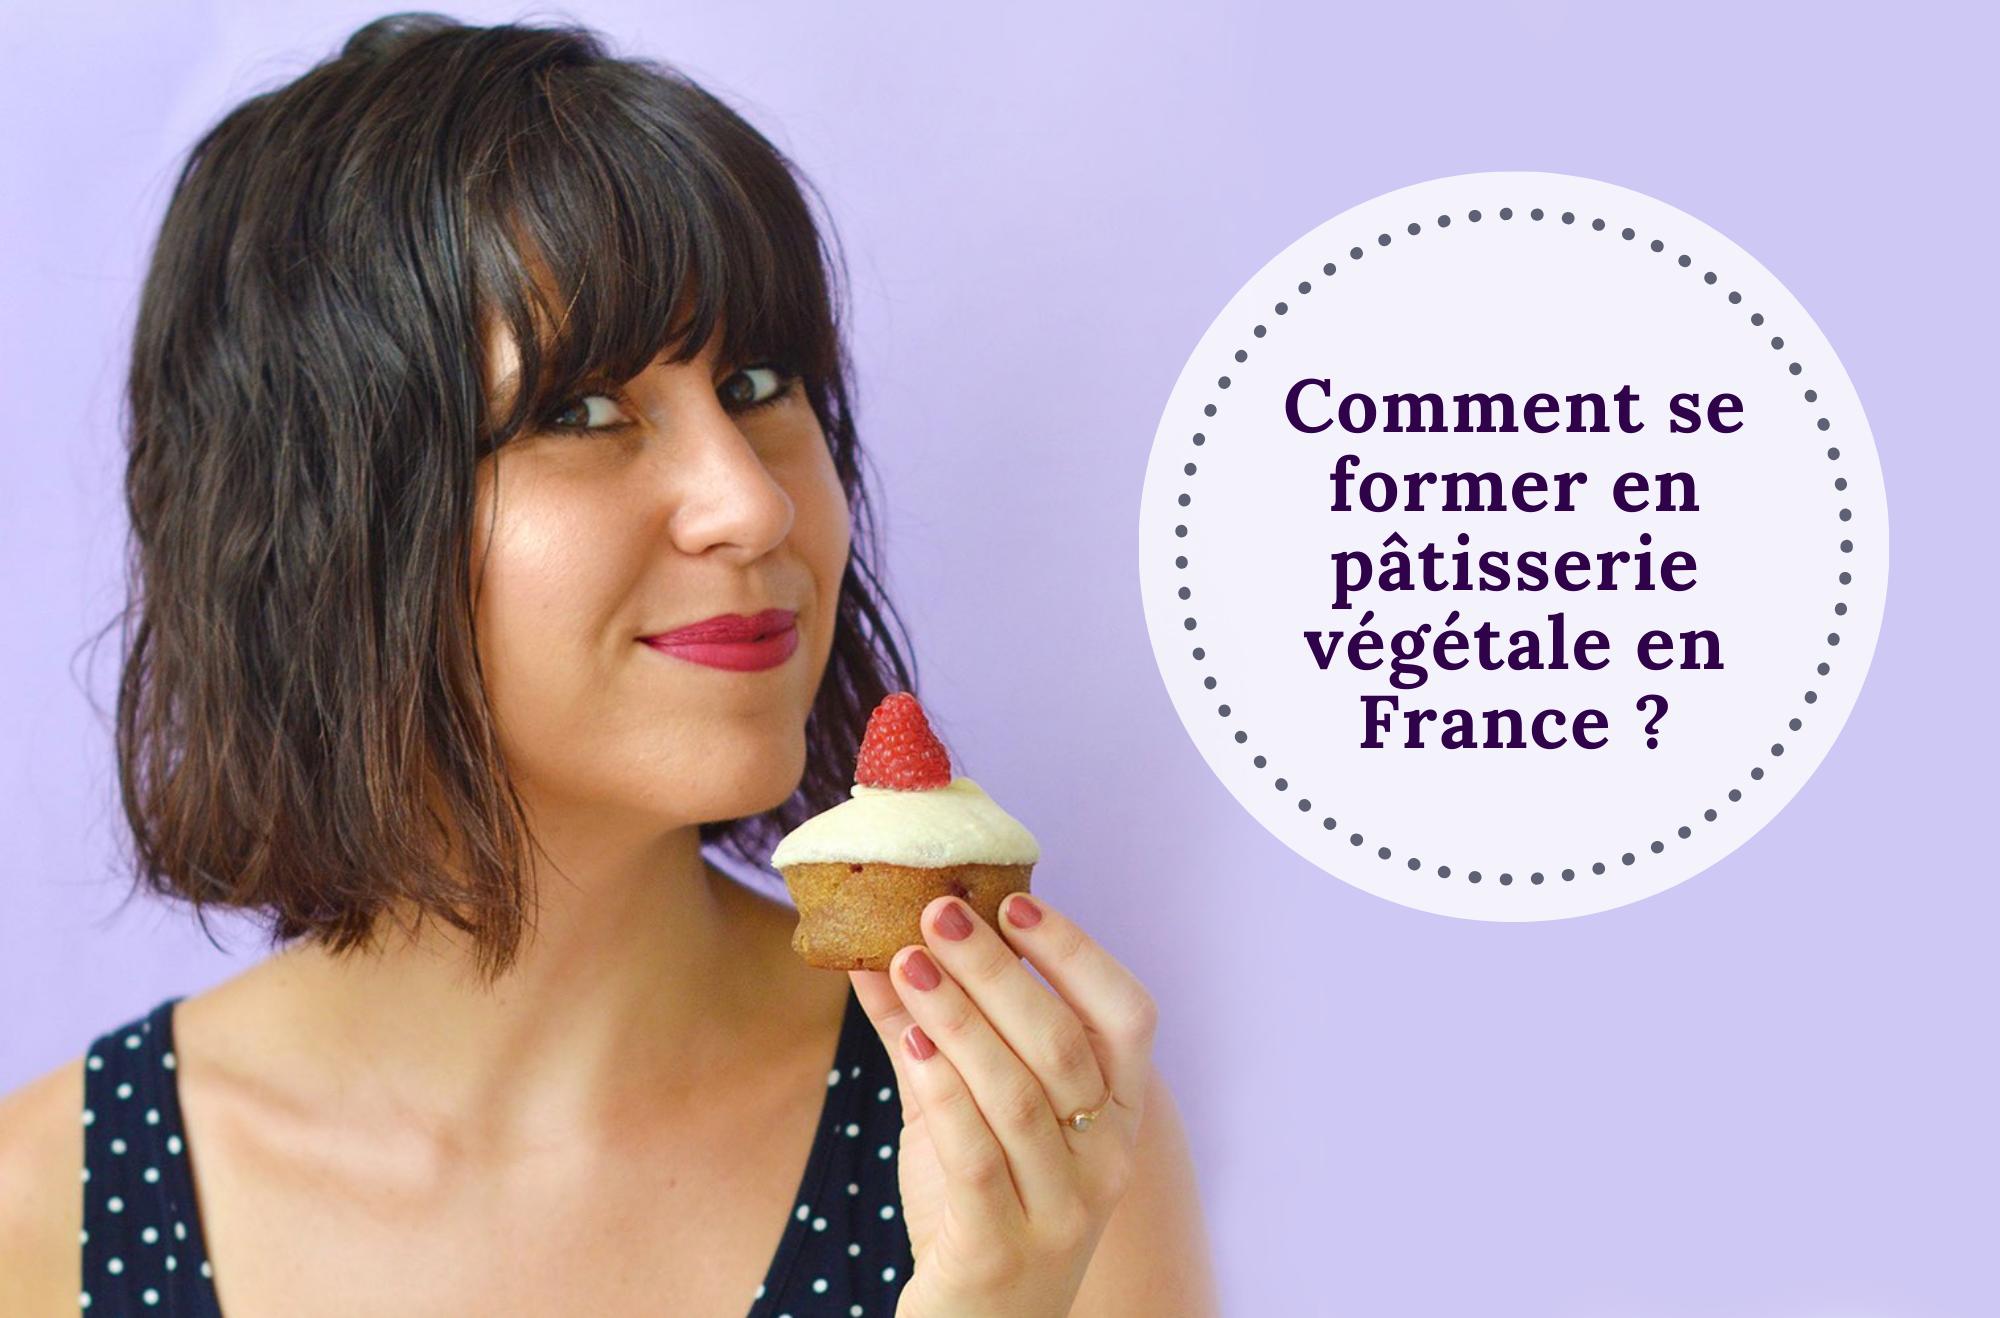 Quelles formations en pâtisserie végétale existe-t-il en France ?